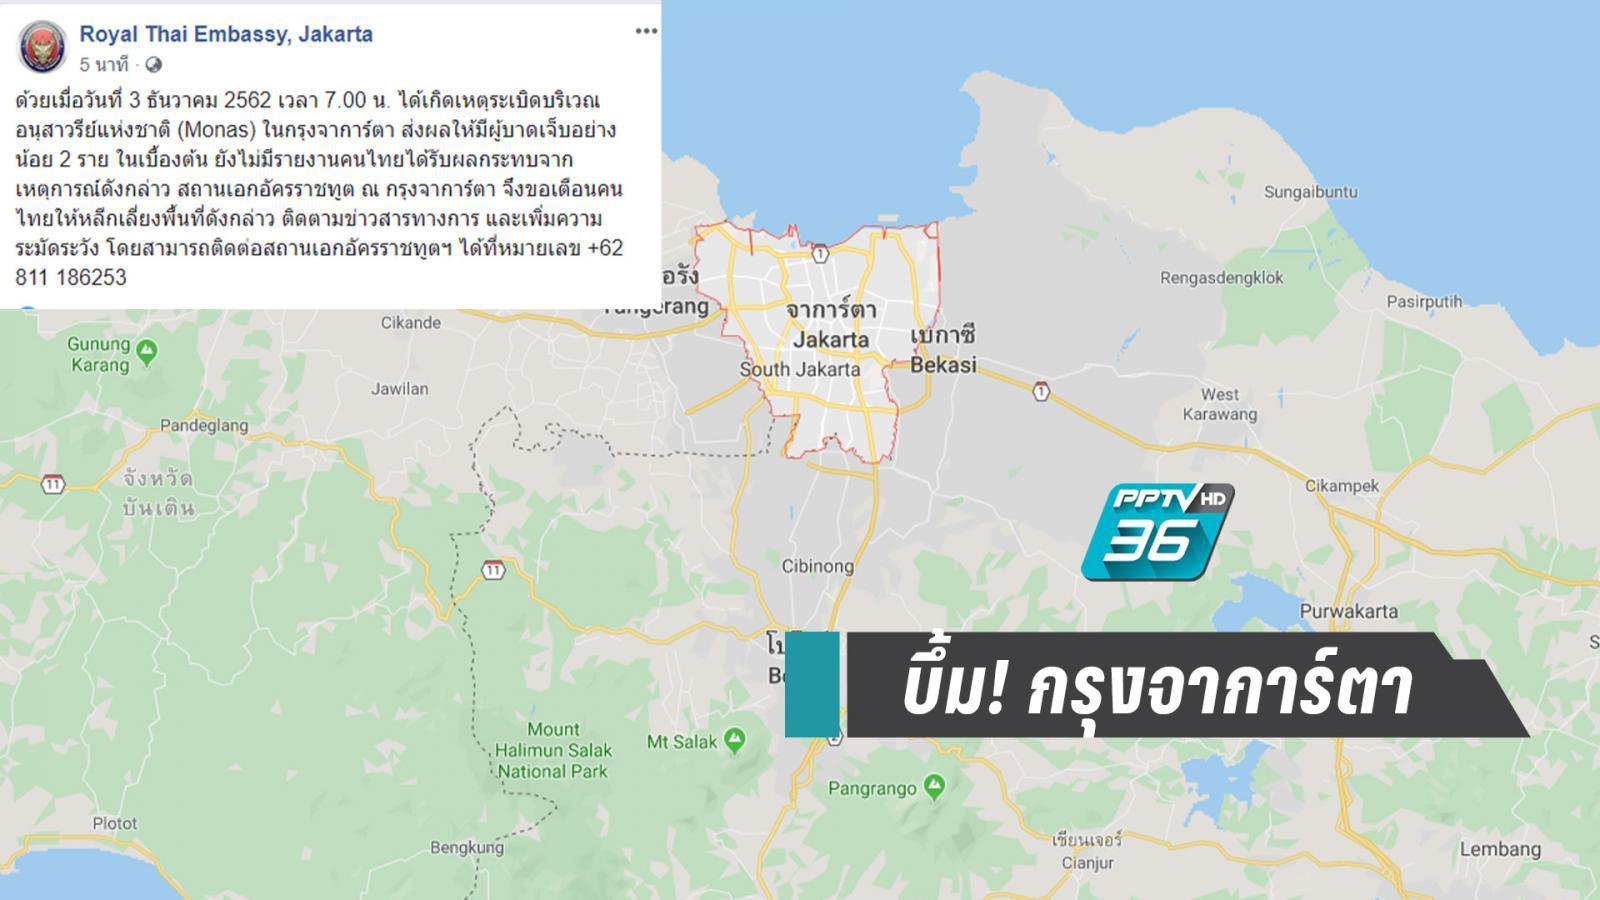 บึ้ม!กลางกรุงจาการ์ตา สถานทูต เตือนคนไทย เลี่ยงพื้นที่เสี่ยง